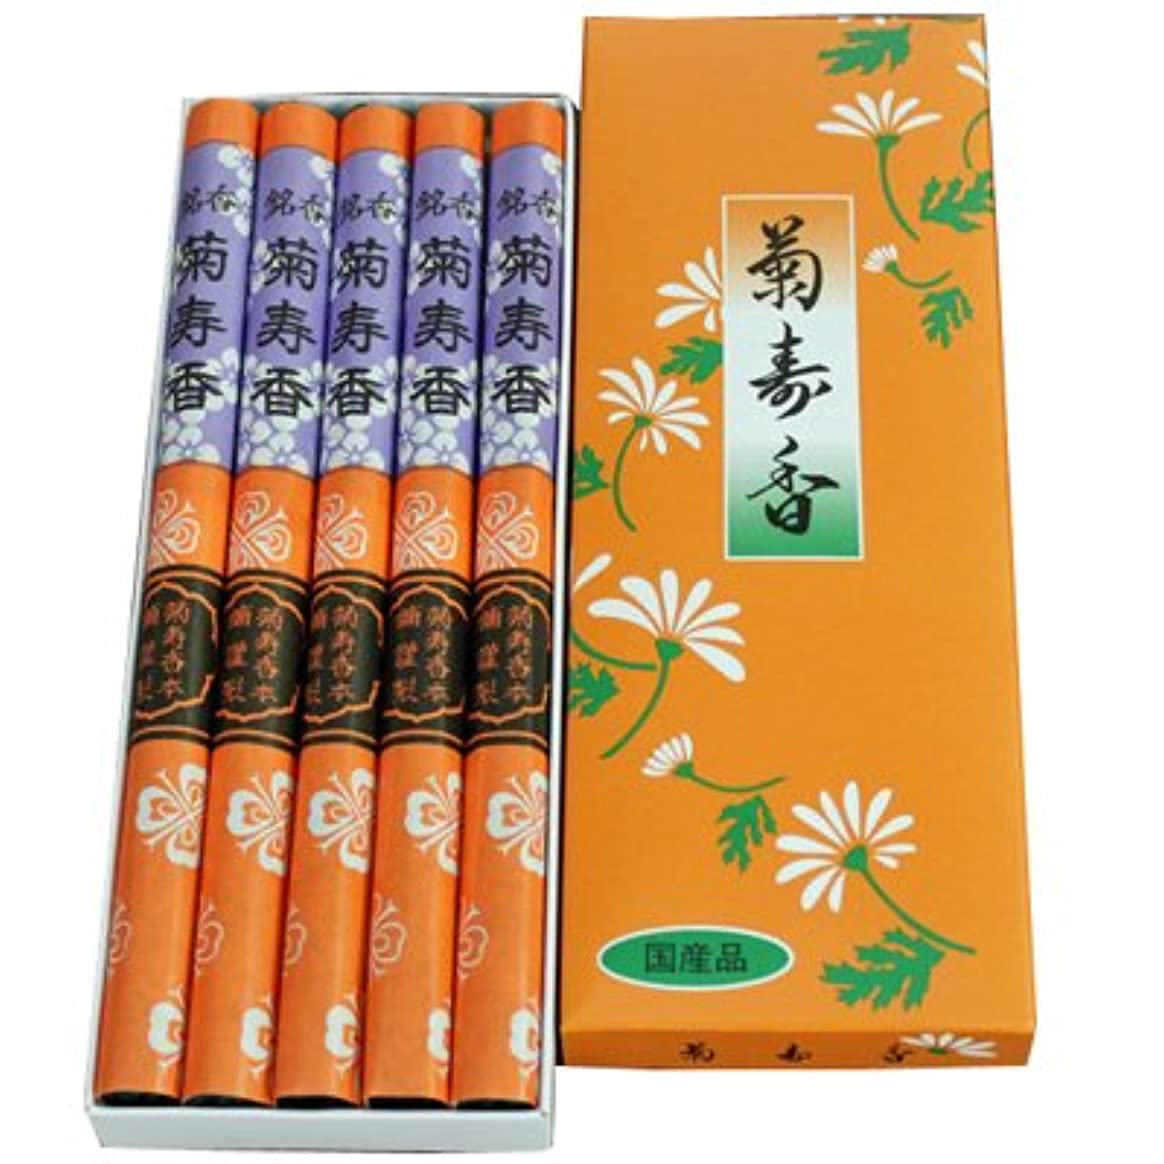 デザート知覚トレーダー菊寿香(5把入り) 長いお線香 杉線香